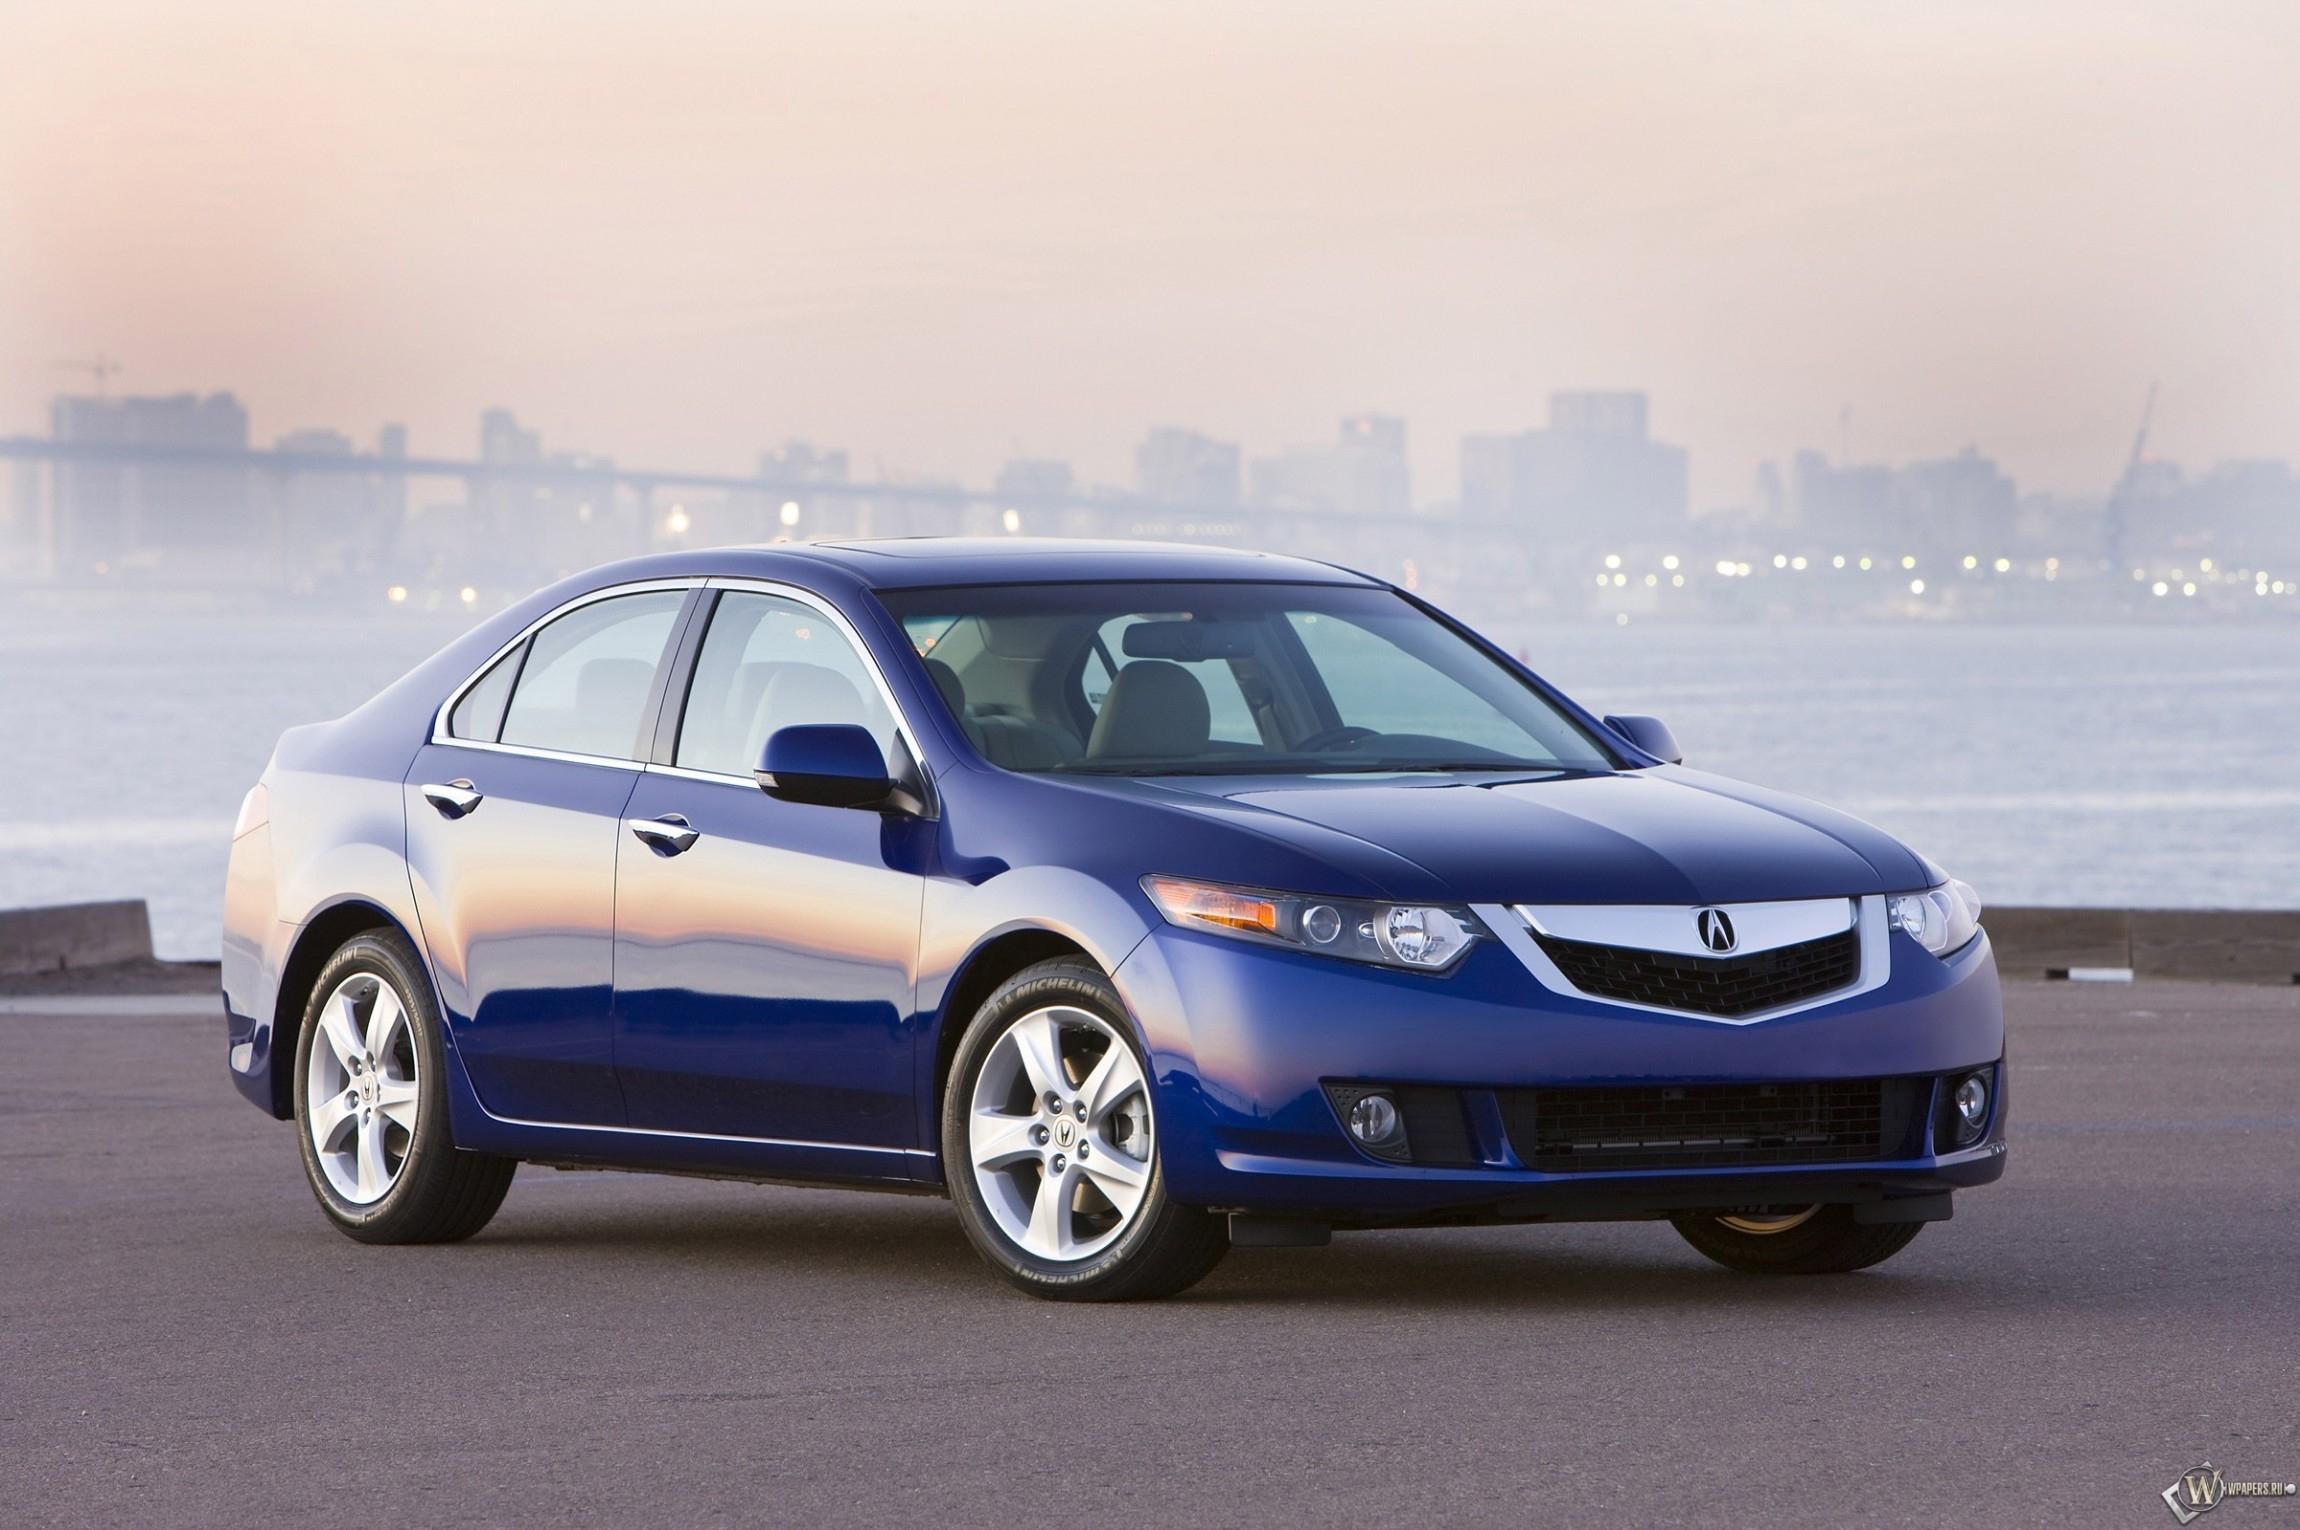 Acura TSX (2009) 2300x1530